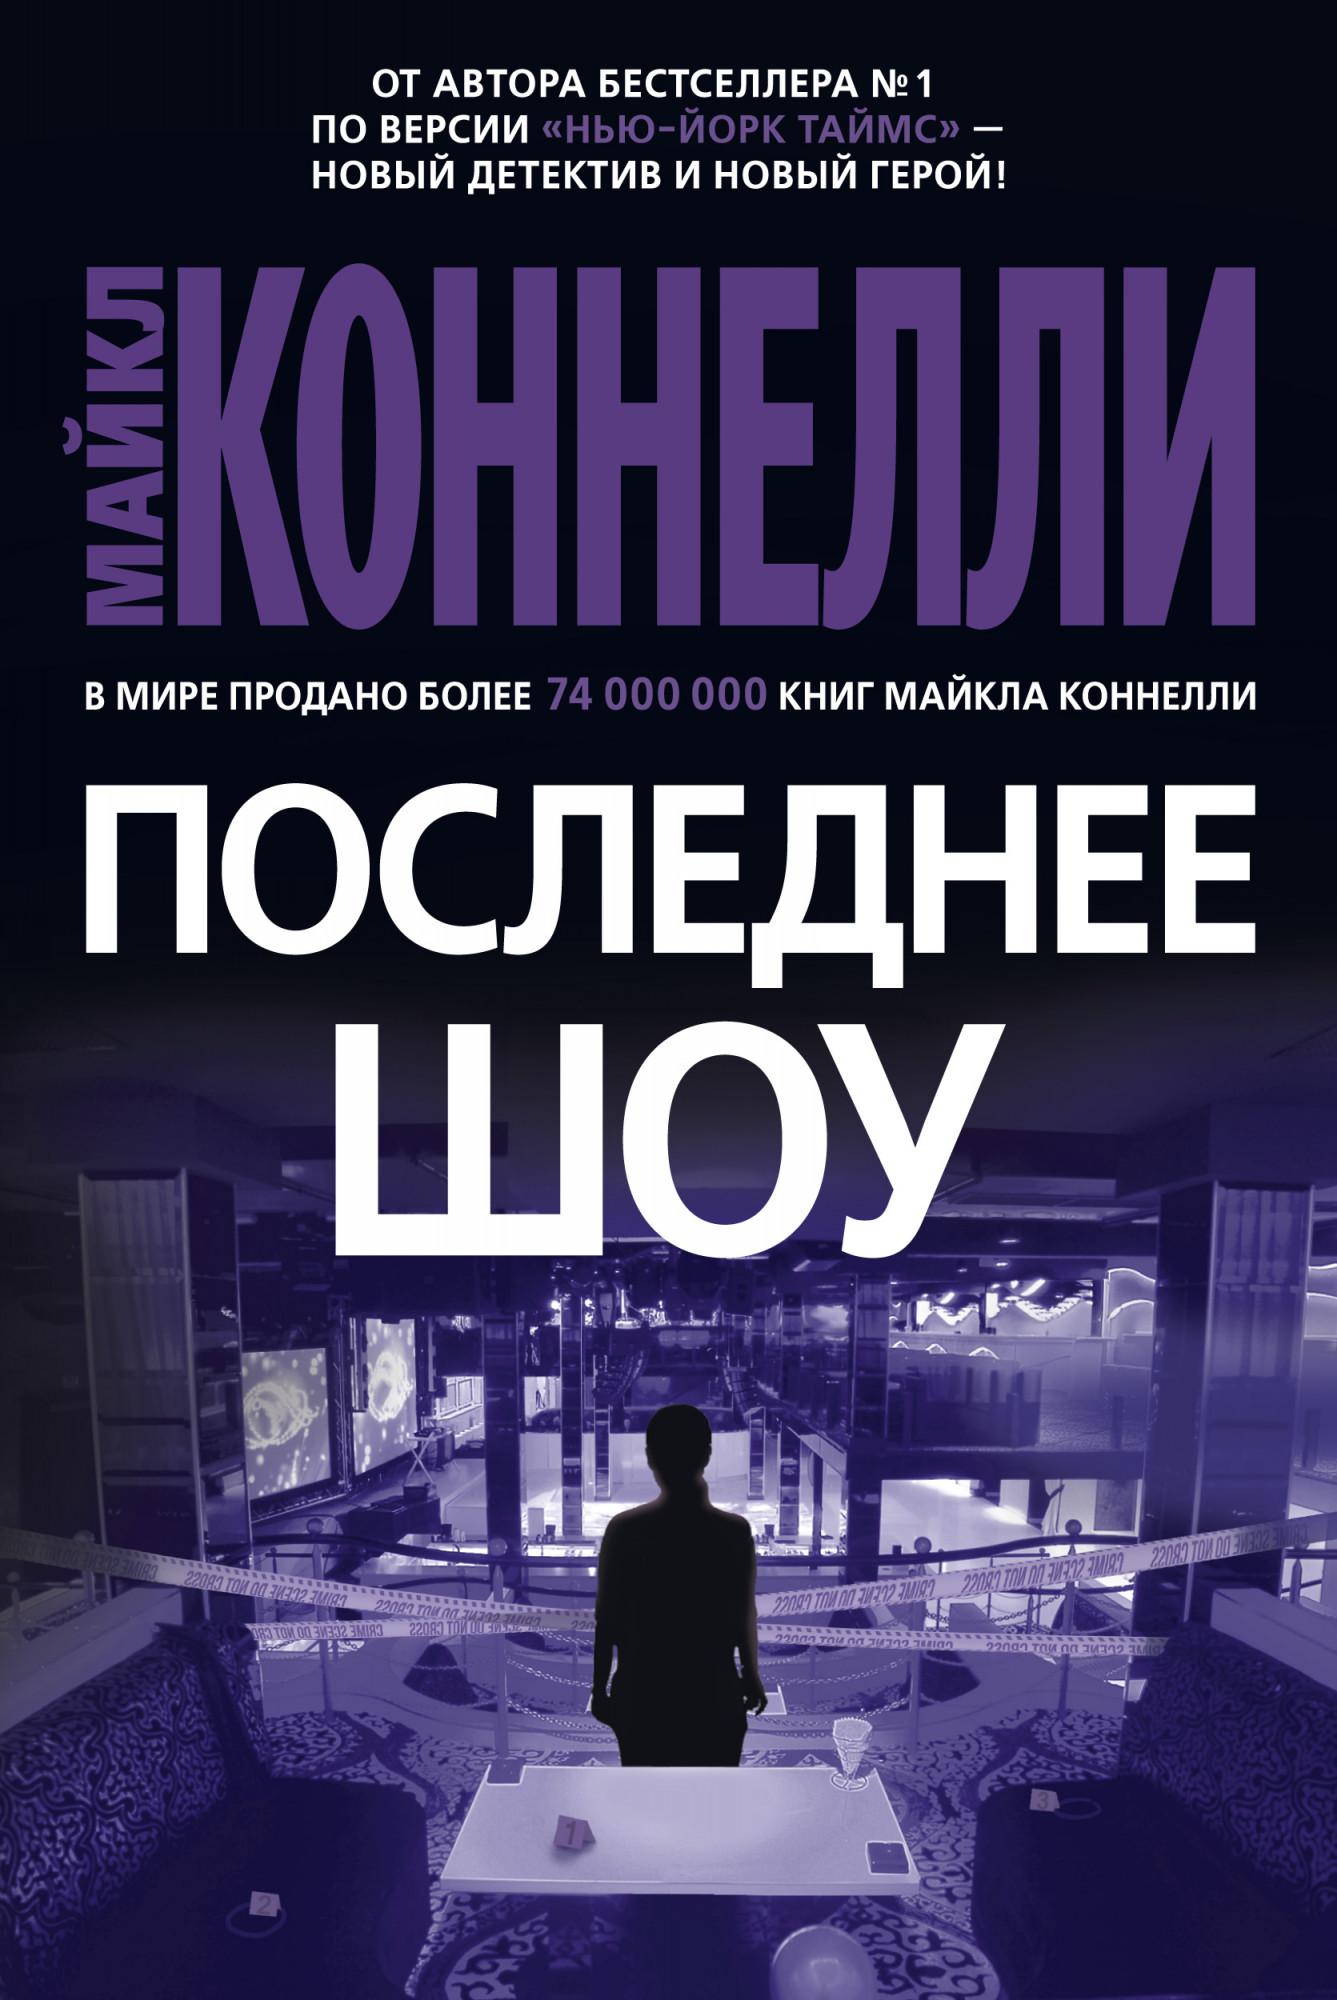 Майкл Коннелли — Последнее шоу (2017)